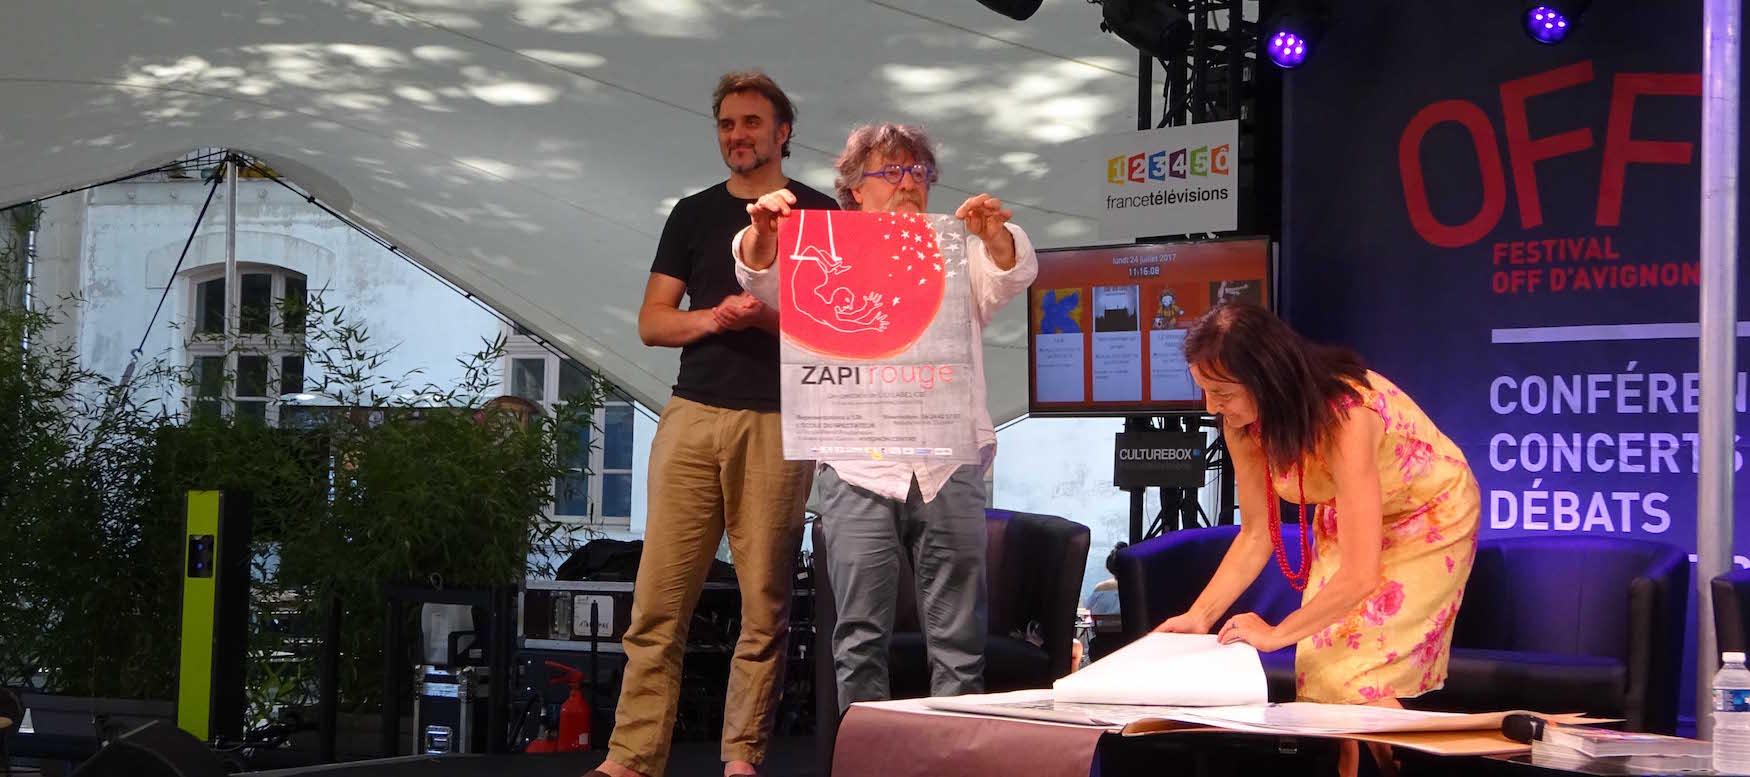 Concours de la plus belle affiche du 0FF17 : «Zapi rouge» primée!